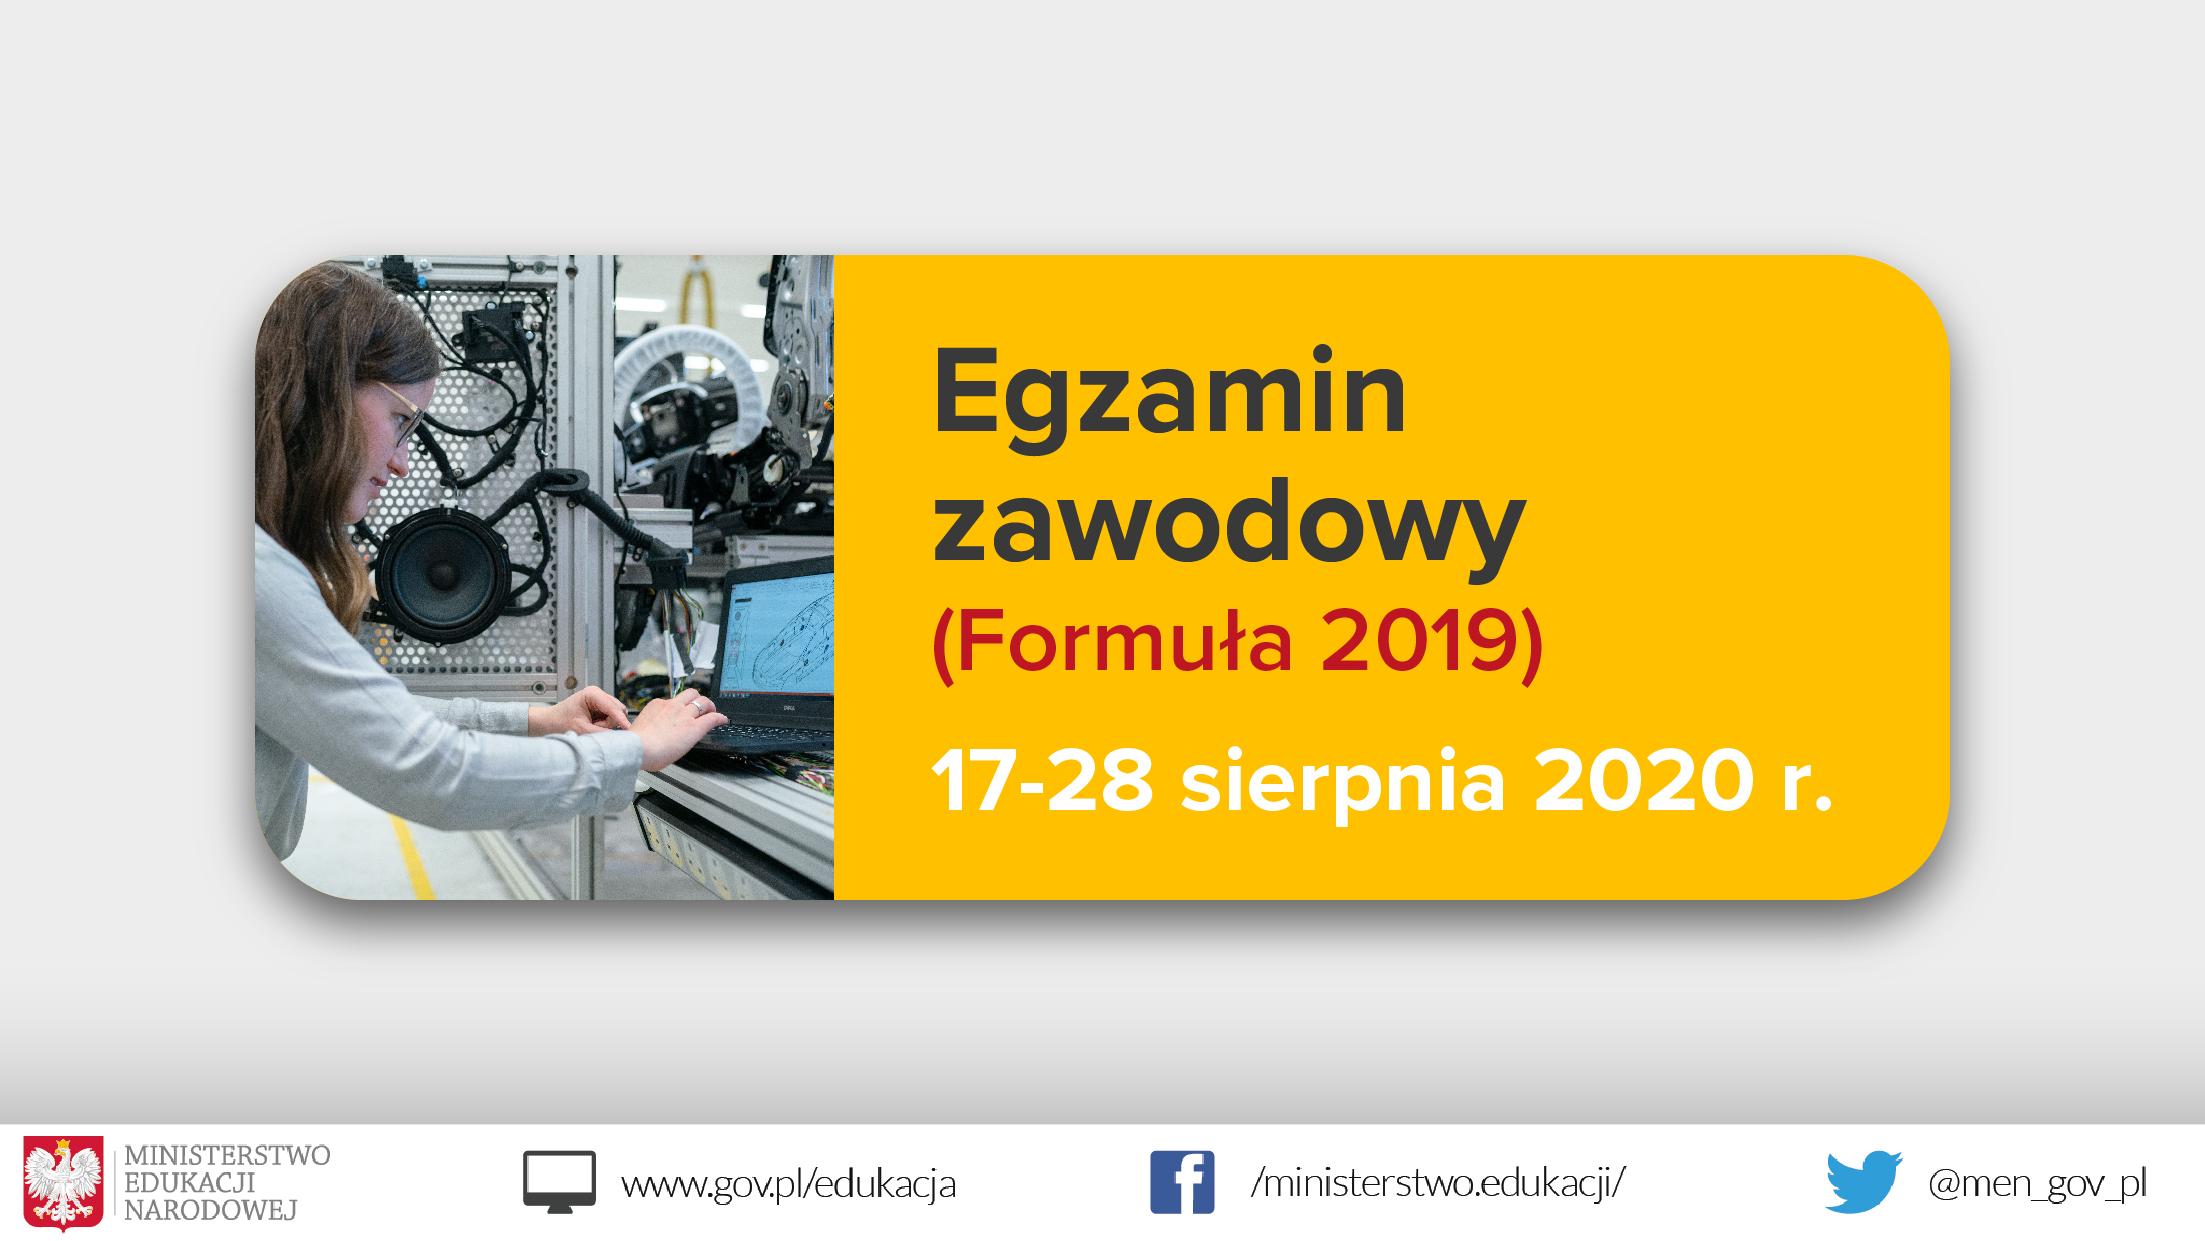 """Jasnoszare tło, zdjęcie dziewczyny z laptopem po lewo, tekst po prawej stronie na żółtym tle: """"Egzamin zawodowy (Formuła 2019) – 17-28 sierpnia 2020 r."""""""